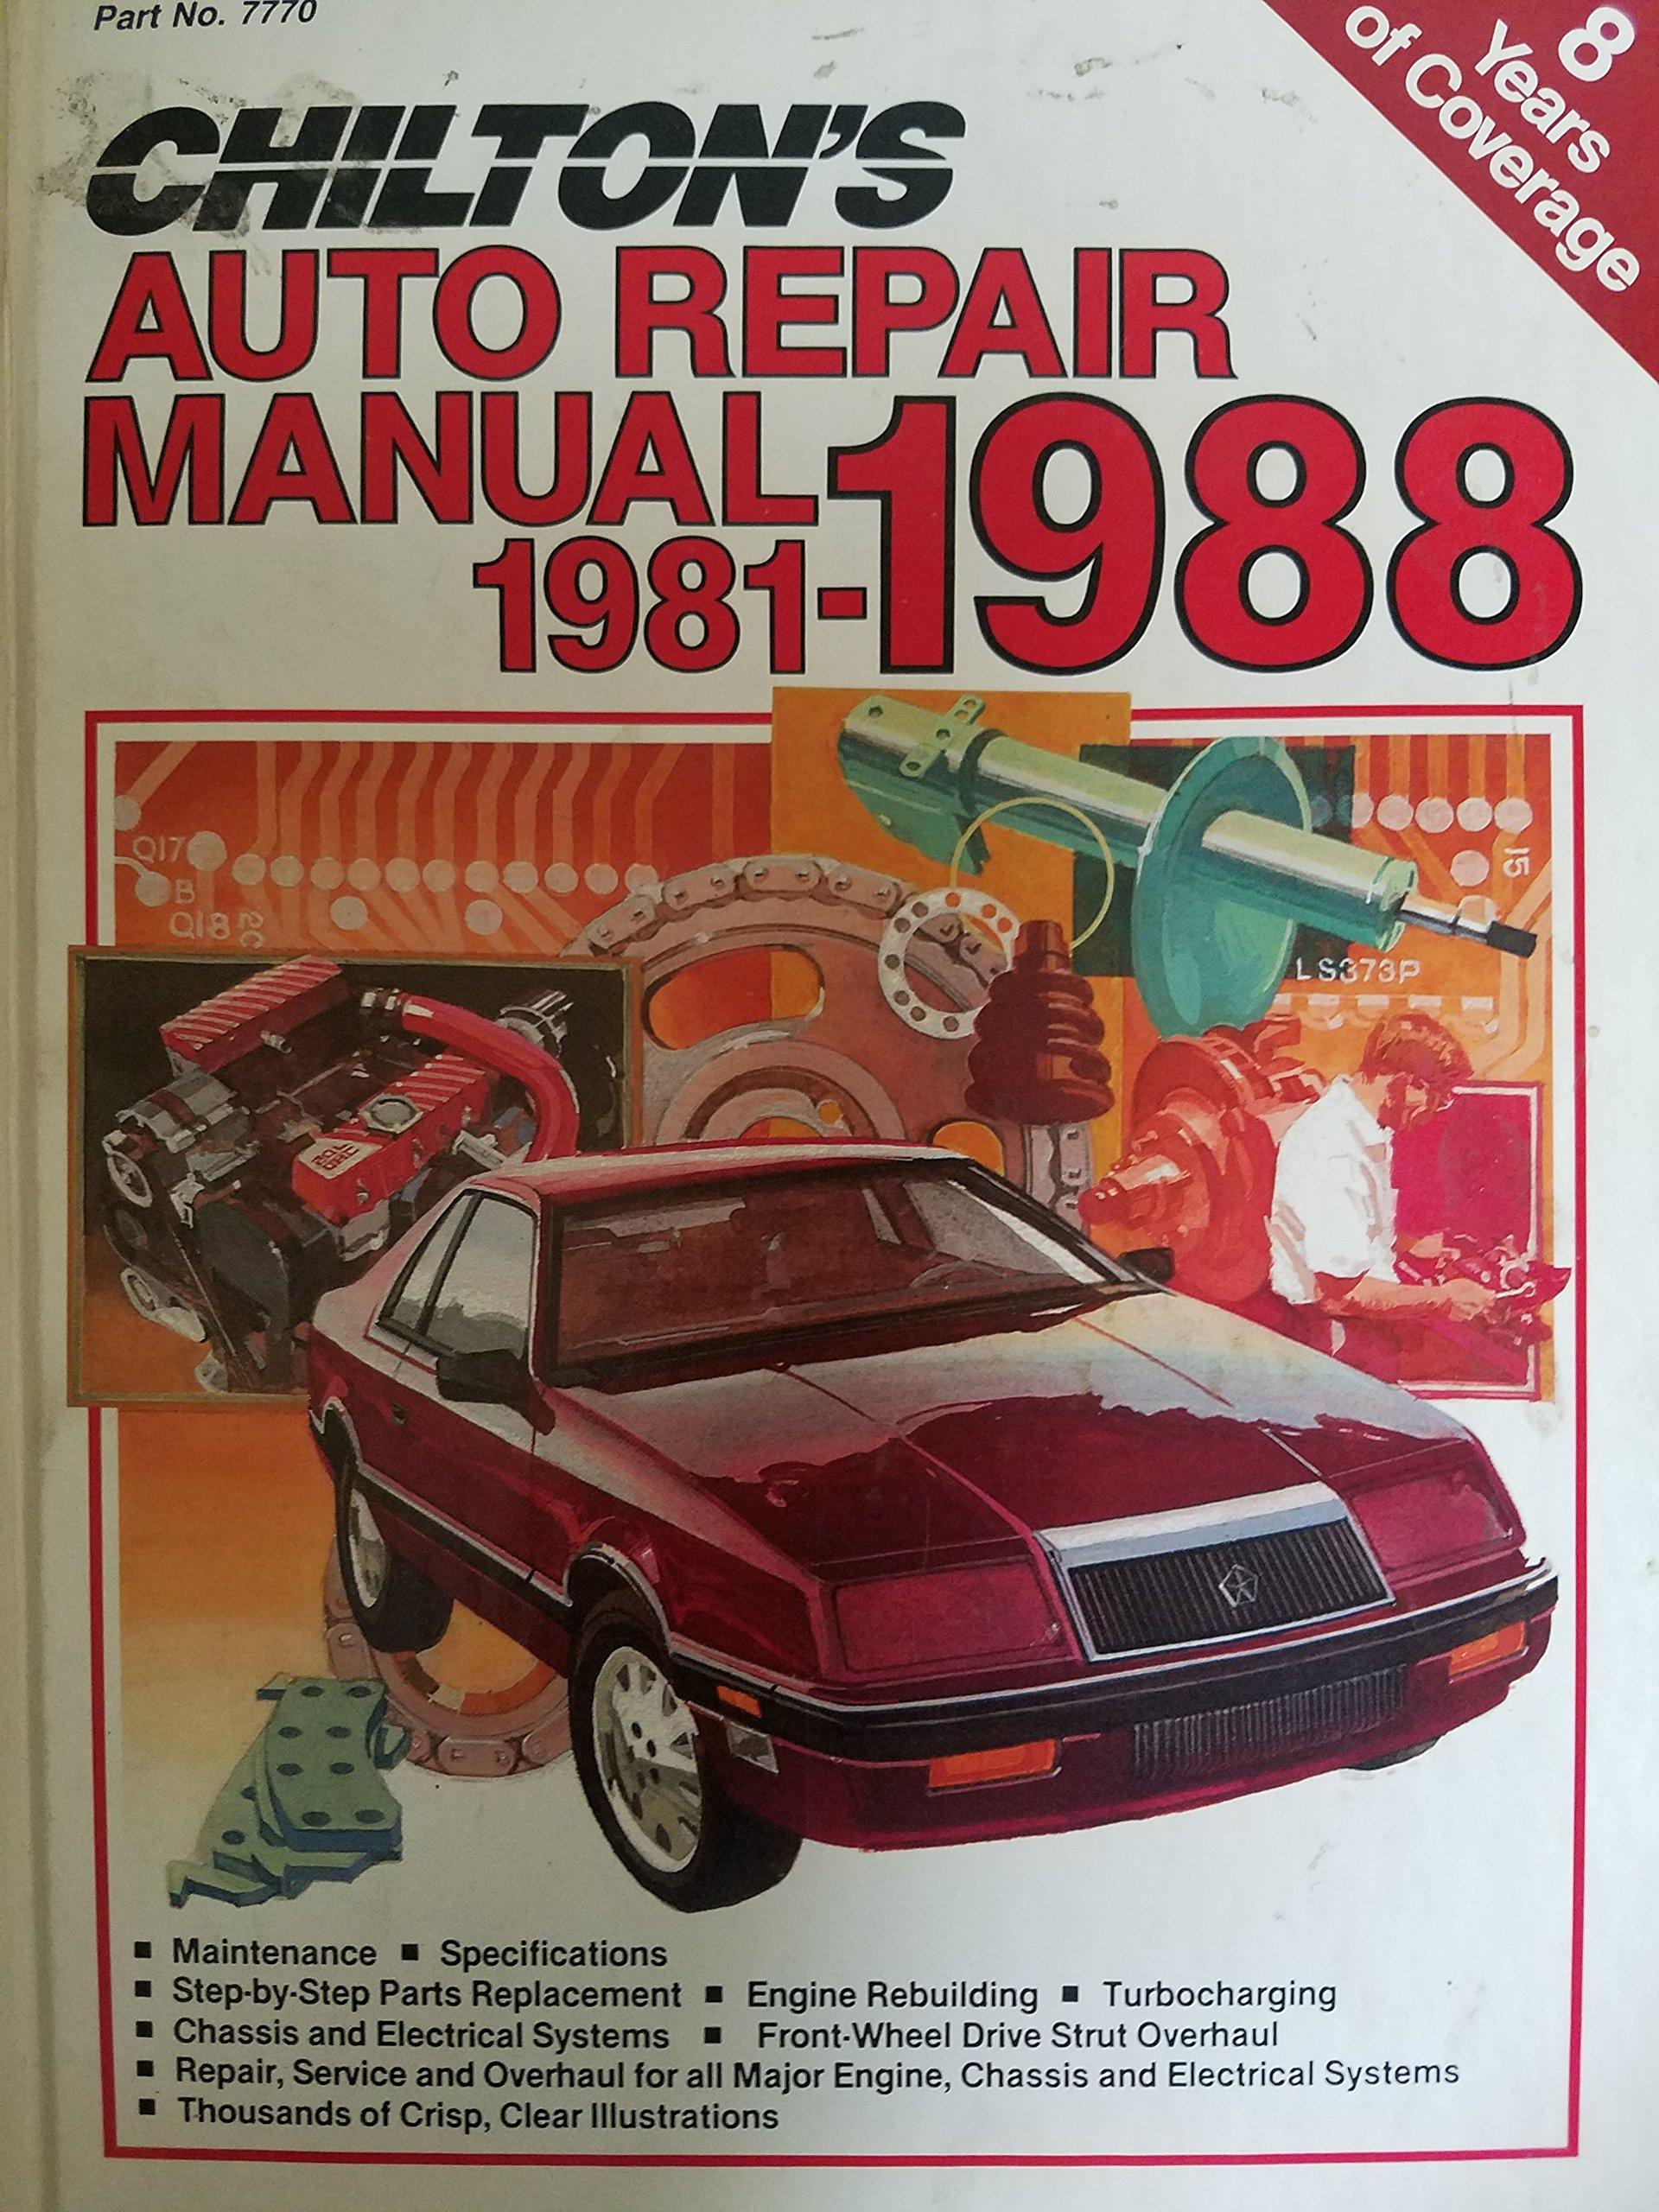 chiltons car manuals